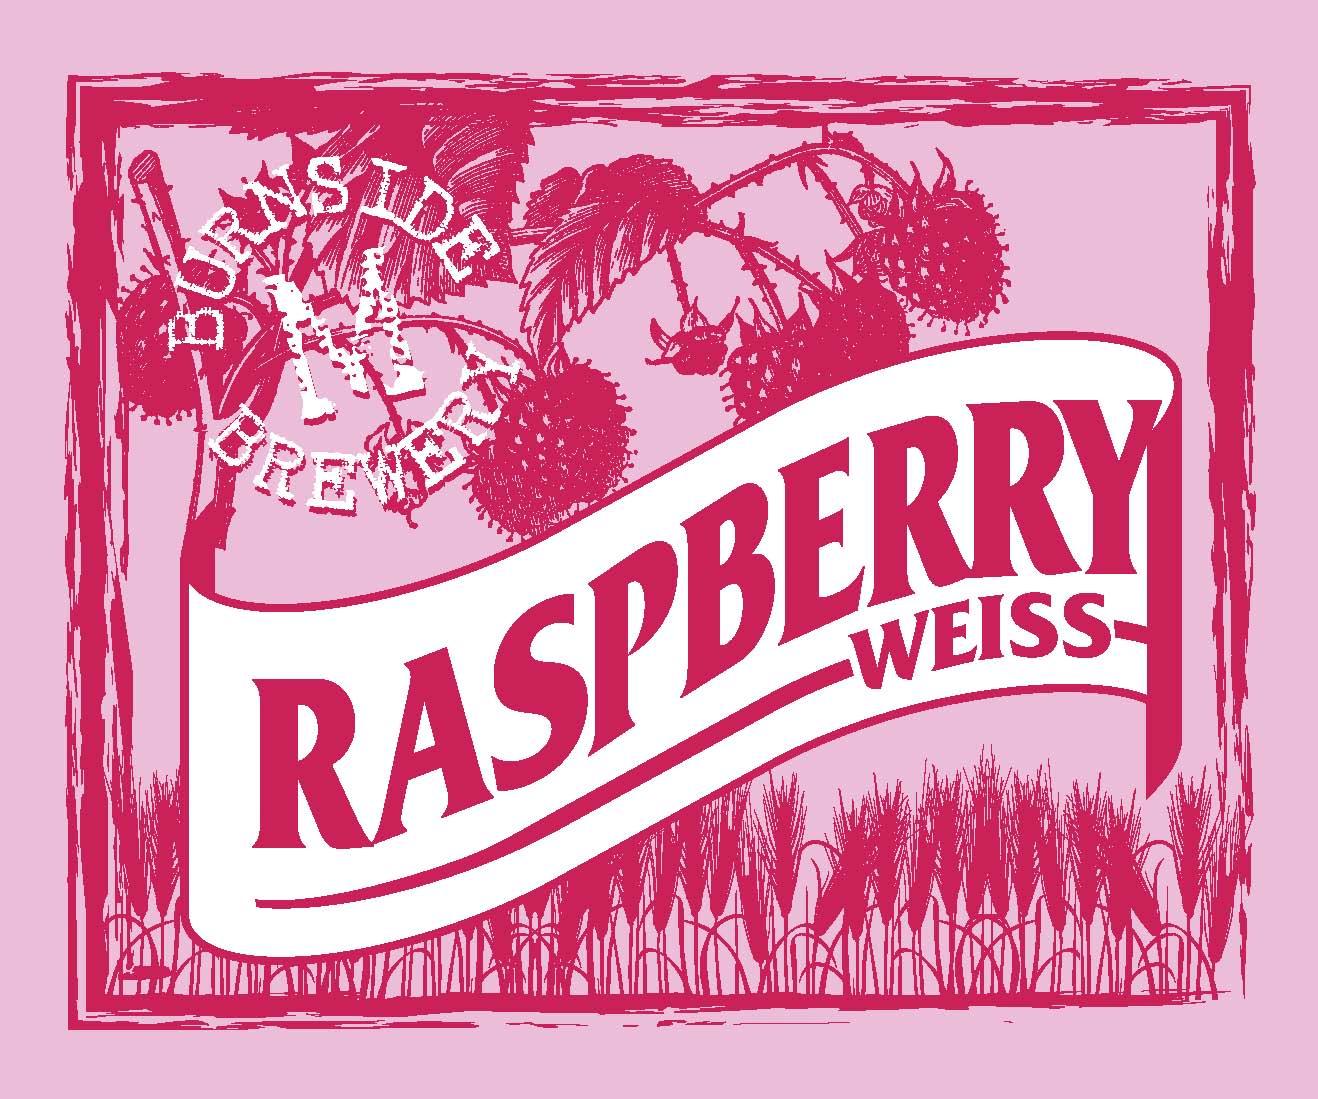 Weiss Bier 3 - Raspberry Weiss